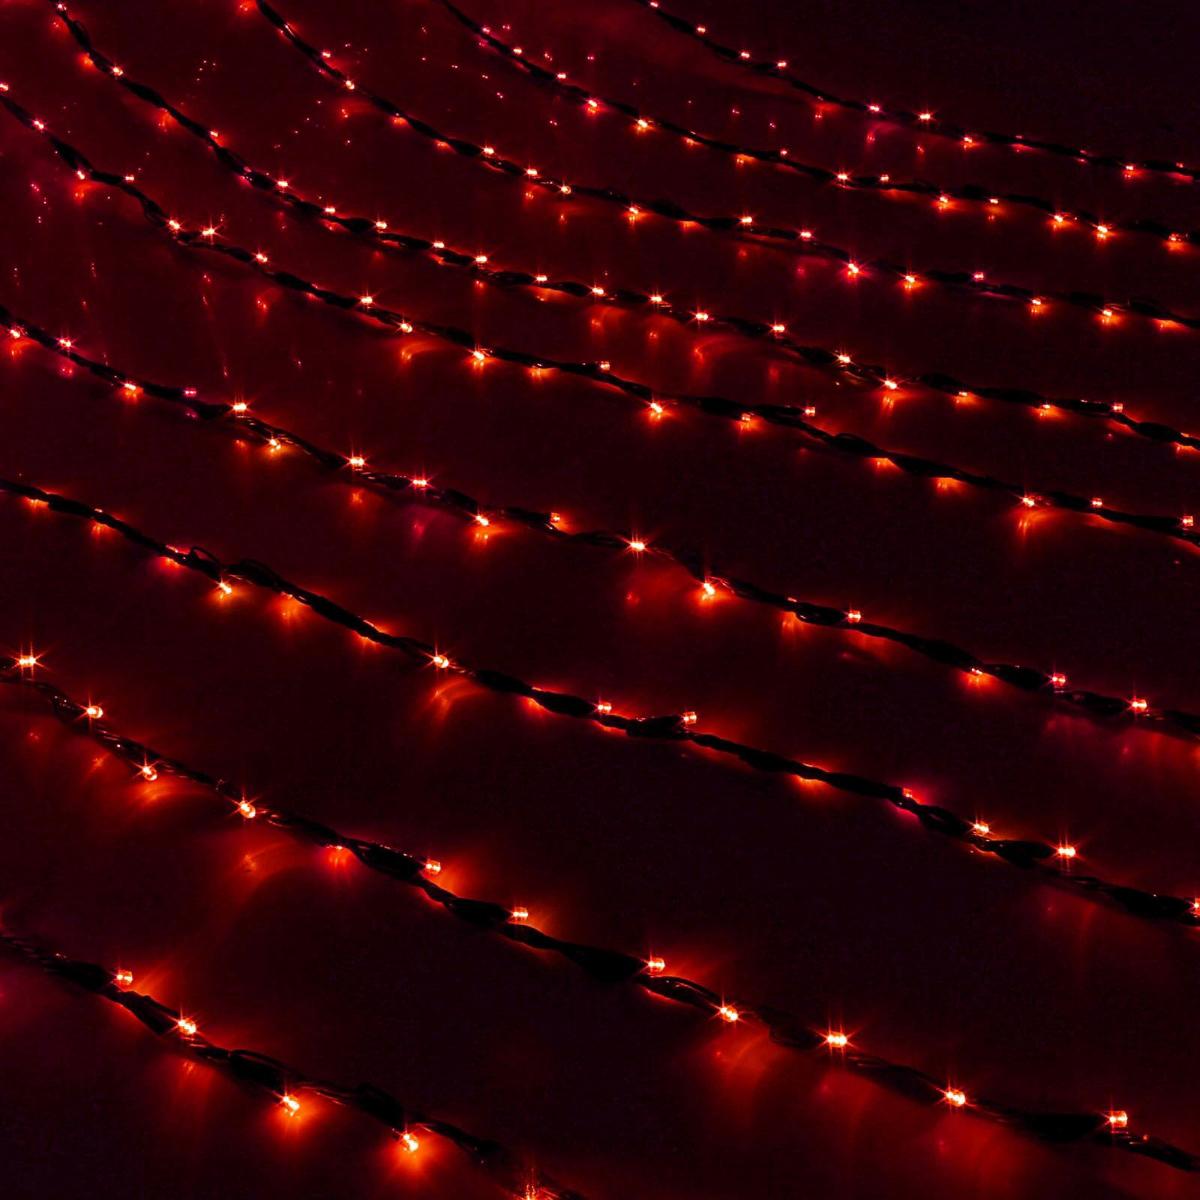 Гирлянда светодиодная Sima-land Дождь, цвет: красный, 800 ламп, 8 режимов, 220 V, 2 х 3 м. 705977705977Светодиодные гирлянды и ленты — это отличный вариант для новогоднего оформления интерьера или фасада. С их помощью помещение любого размера можно превратить в праздничный зал, а внешние элементы зданий, украшенные ими, мгновенно станут напоминать очертания сказочного дворца. Такие украшения создают ауру предвкушения чуда. Деревья, фасады, витрины, окна и арки будто специально созданы, чтобы вы украсили их светящимися нитями.